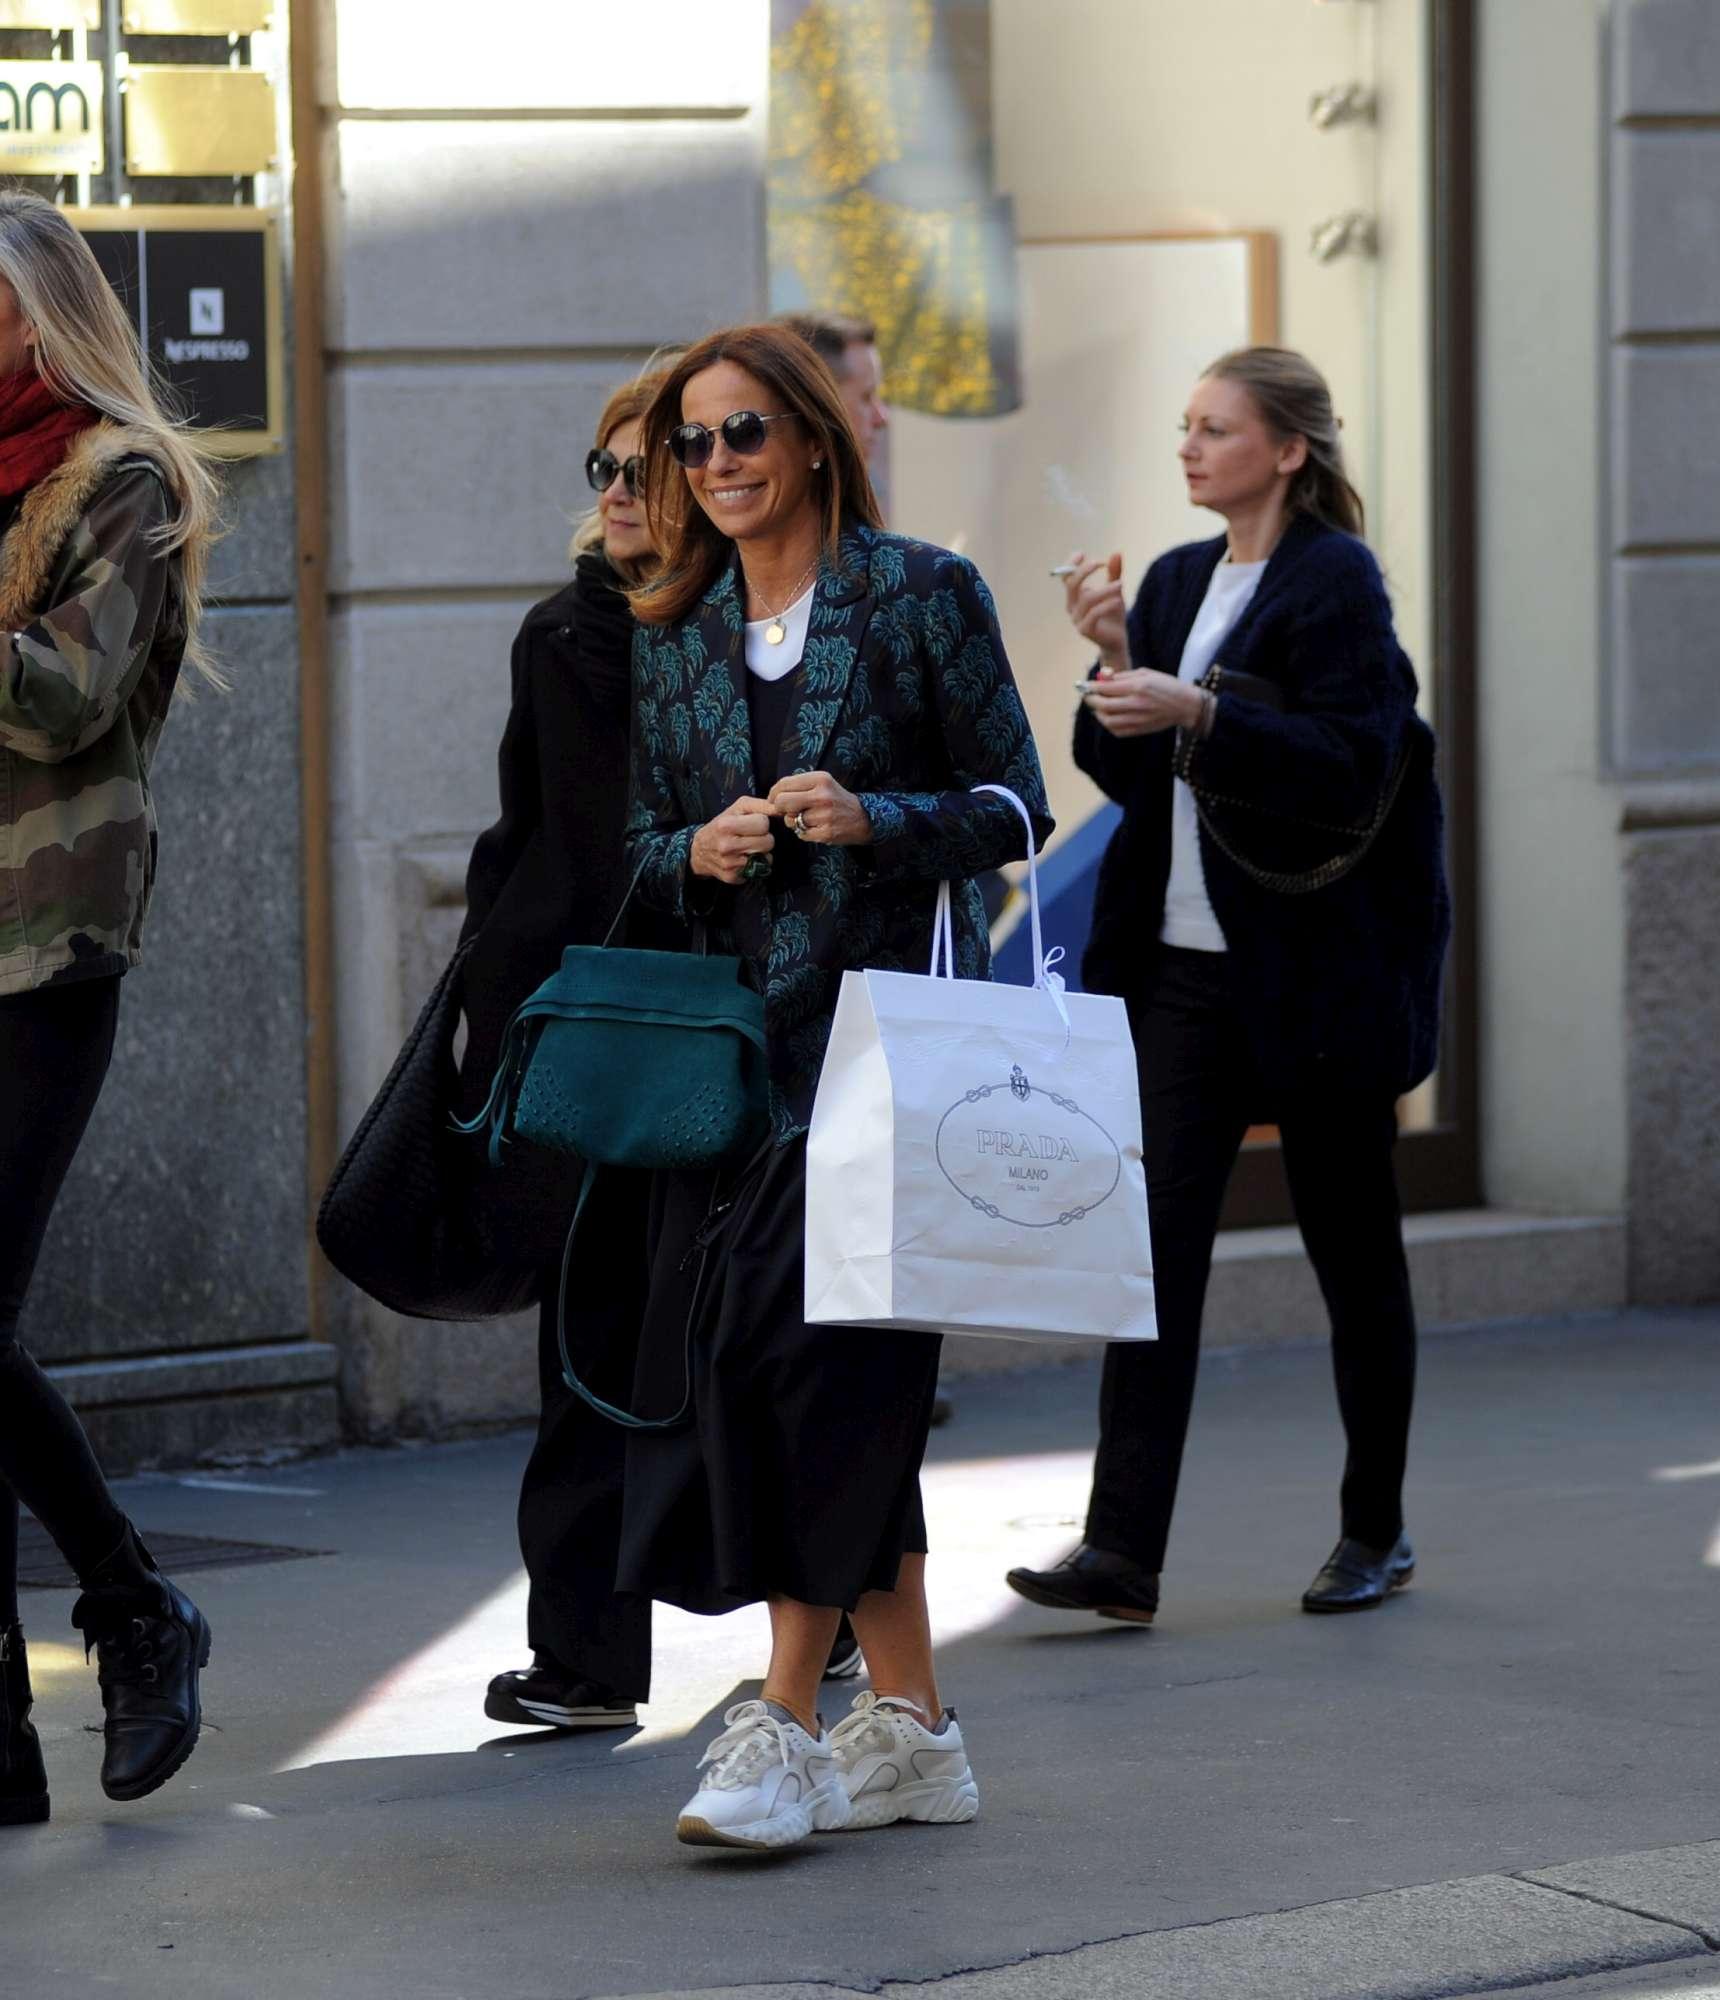 Cristina Parodi, pomeriggio di shopping a Milano